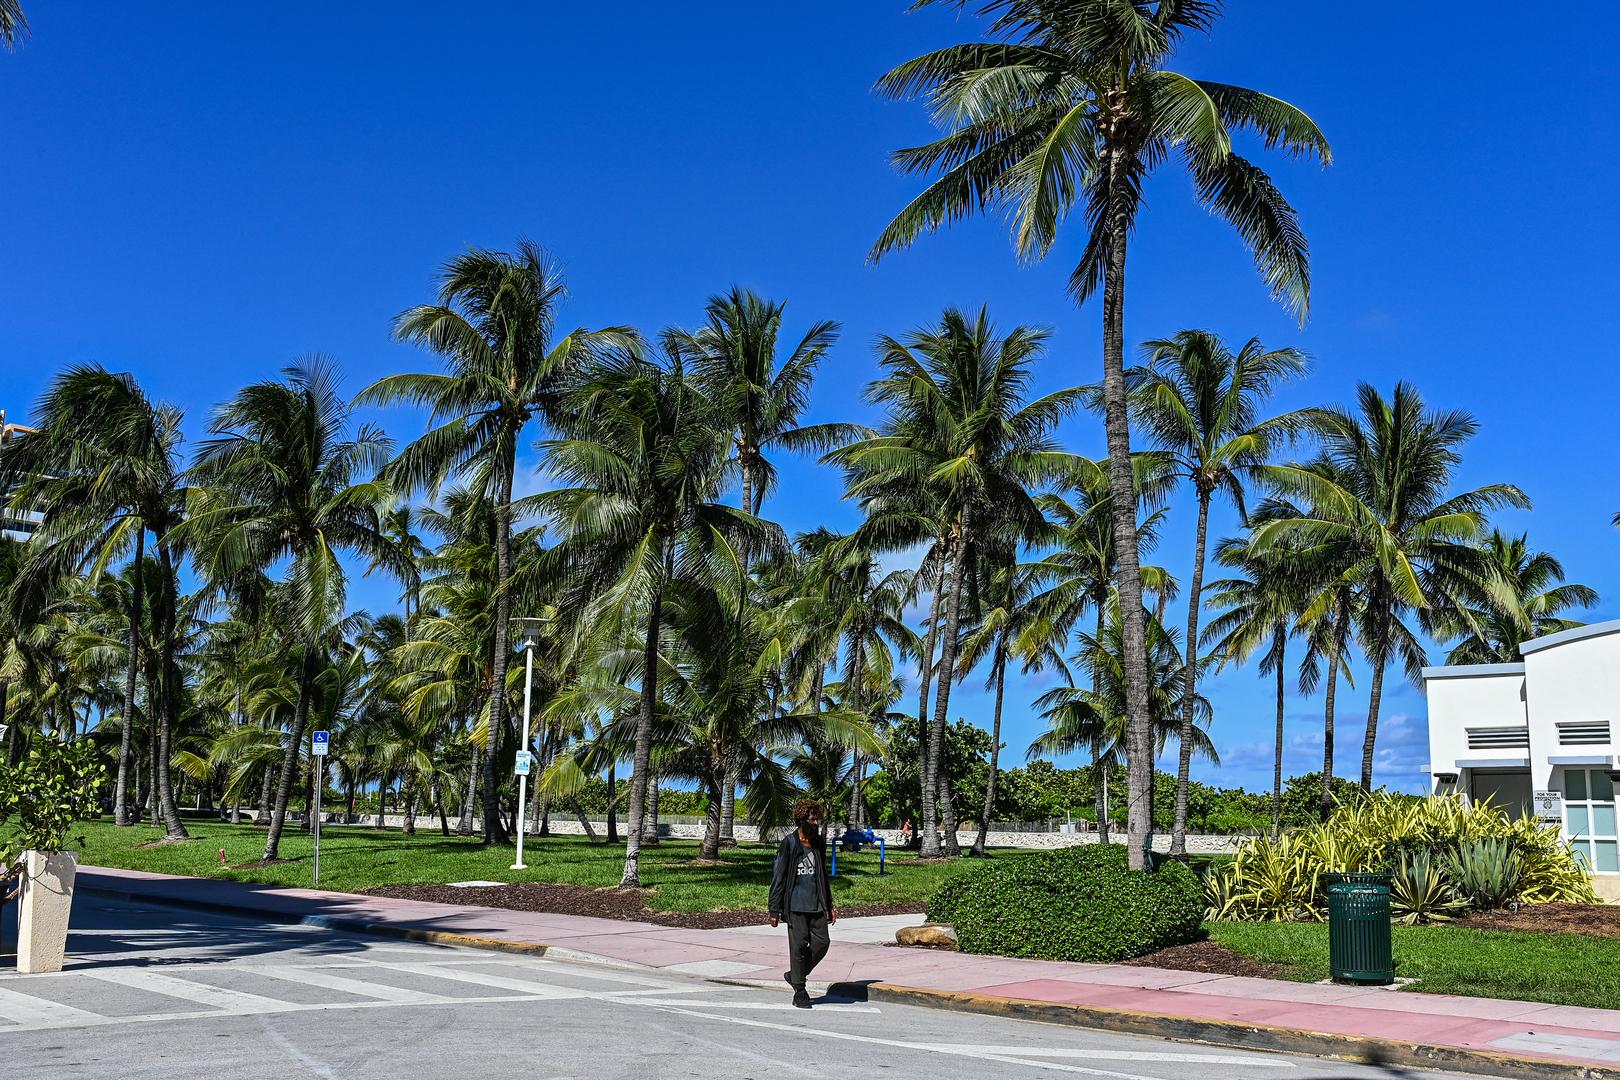 مدينة ميامي الأمريكية بولاية فلوريدا (صورة من الأرشيف)